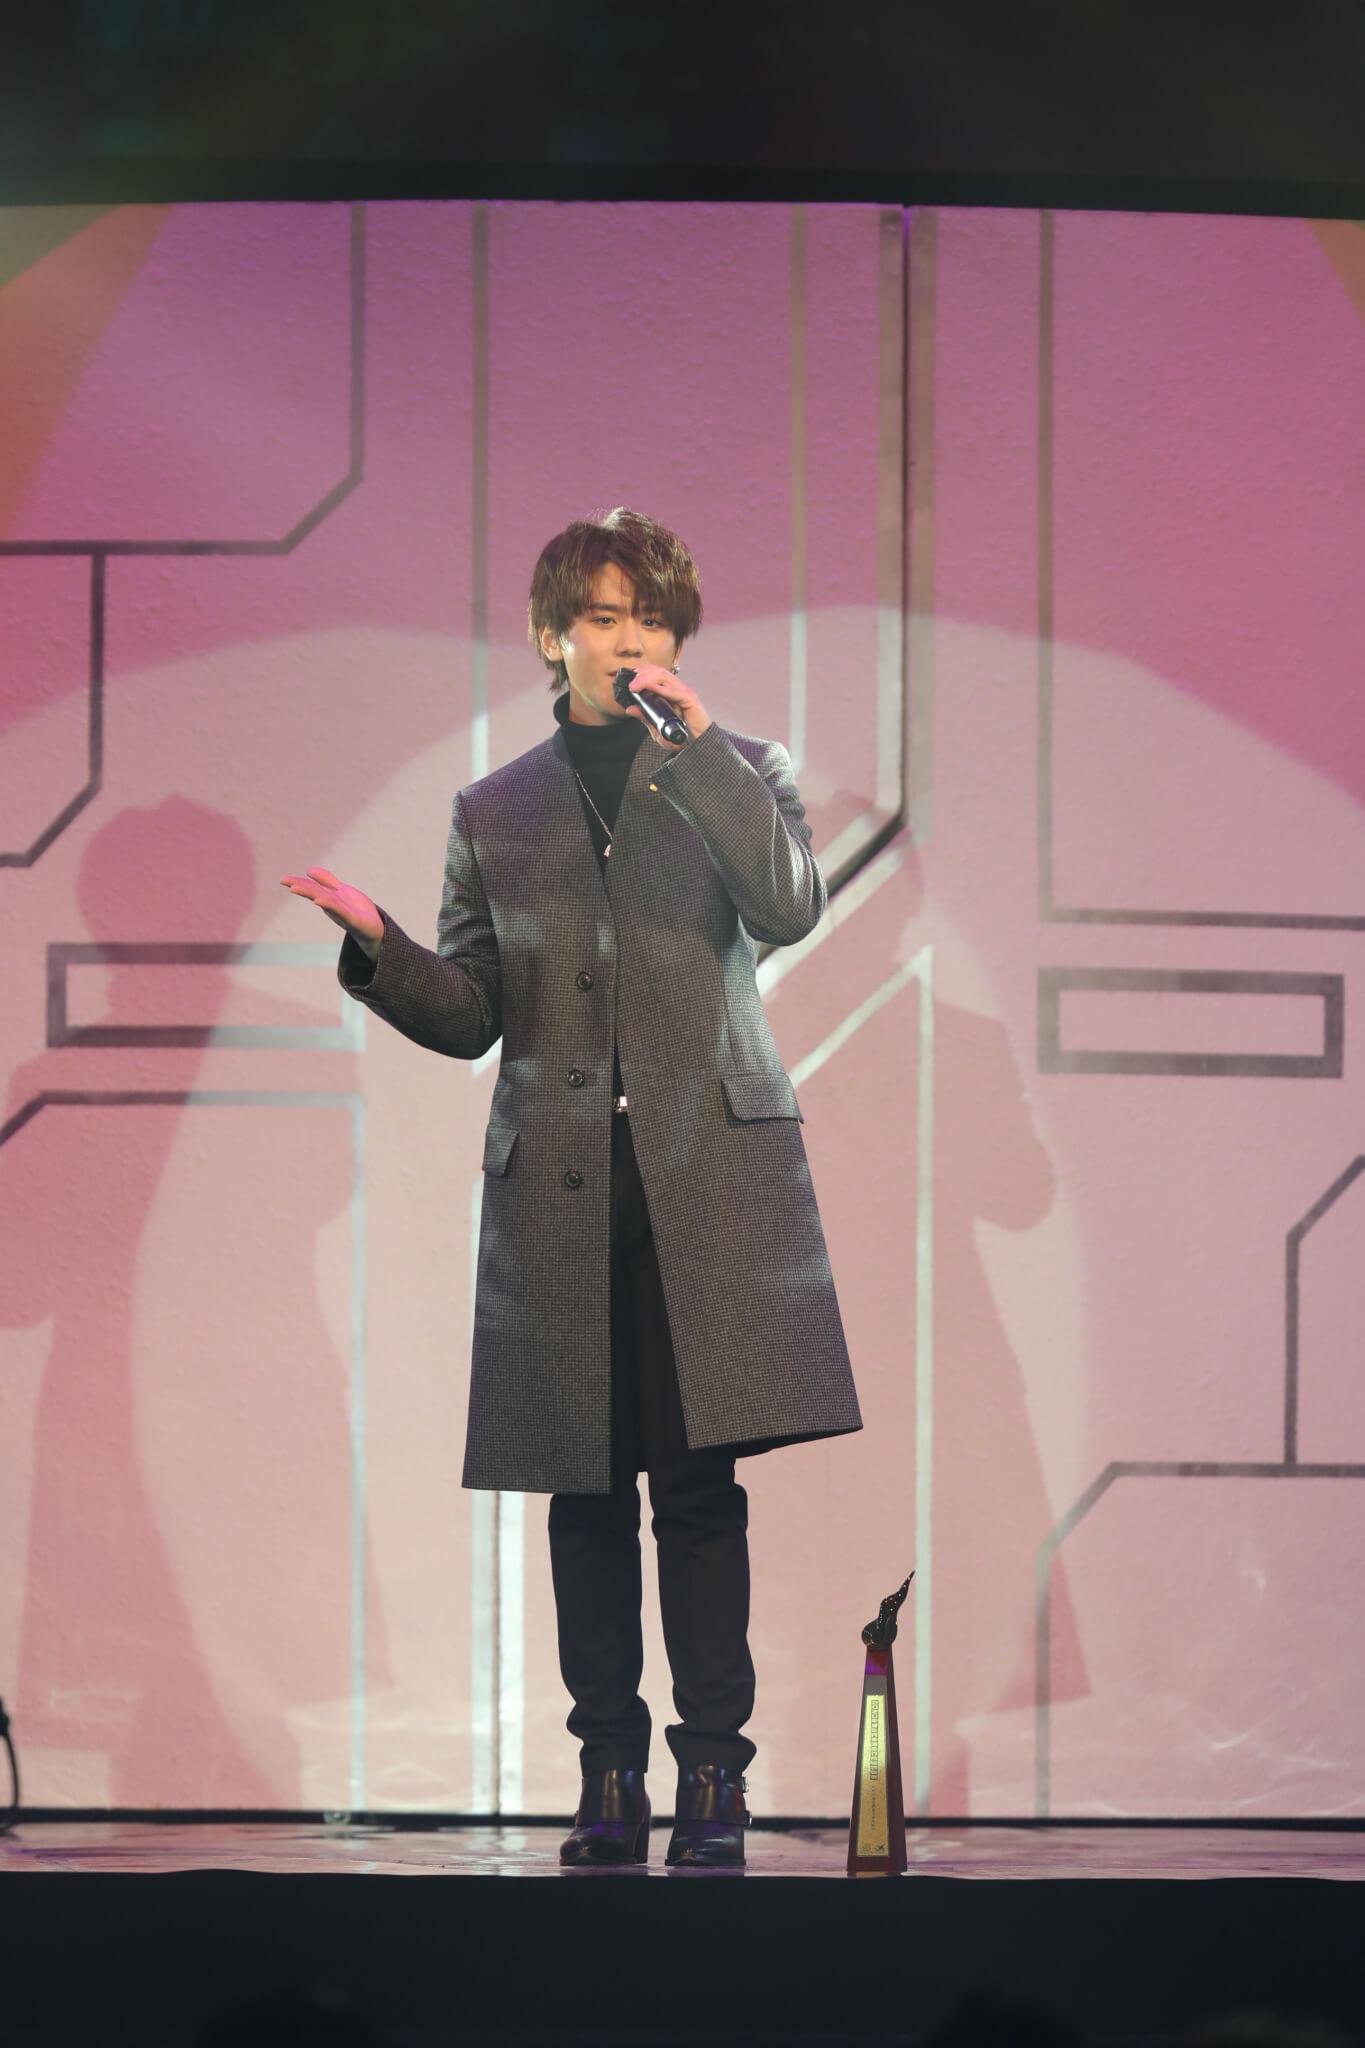 叱咤樂壇我最喜愛的男歌手:姜濤